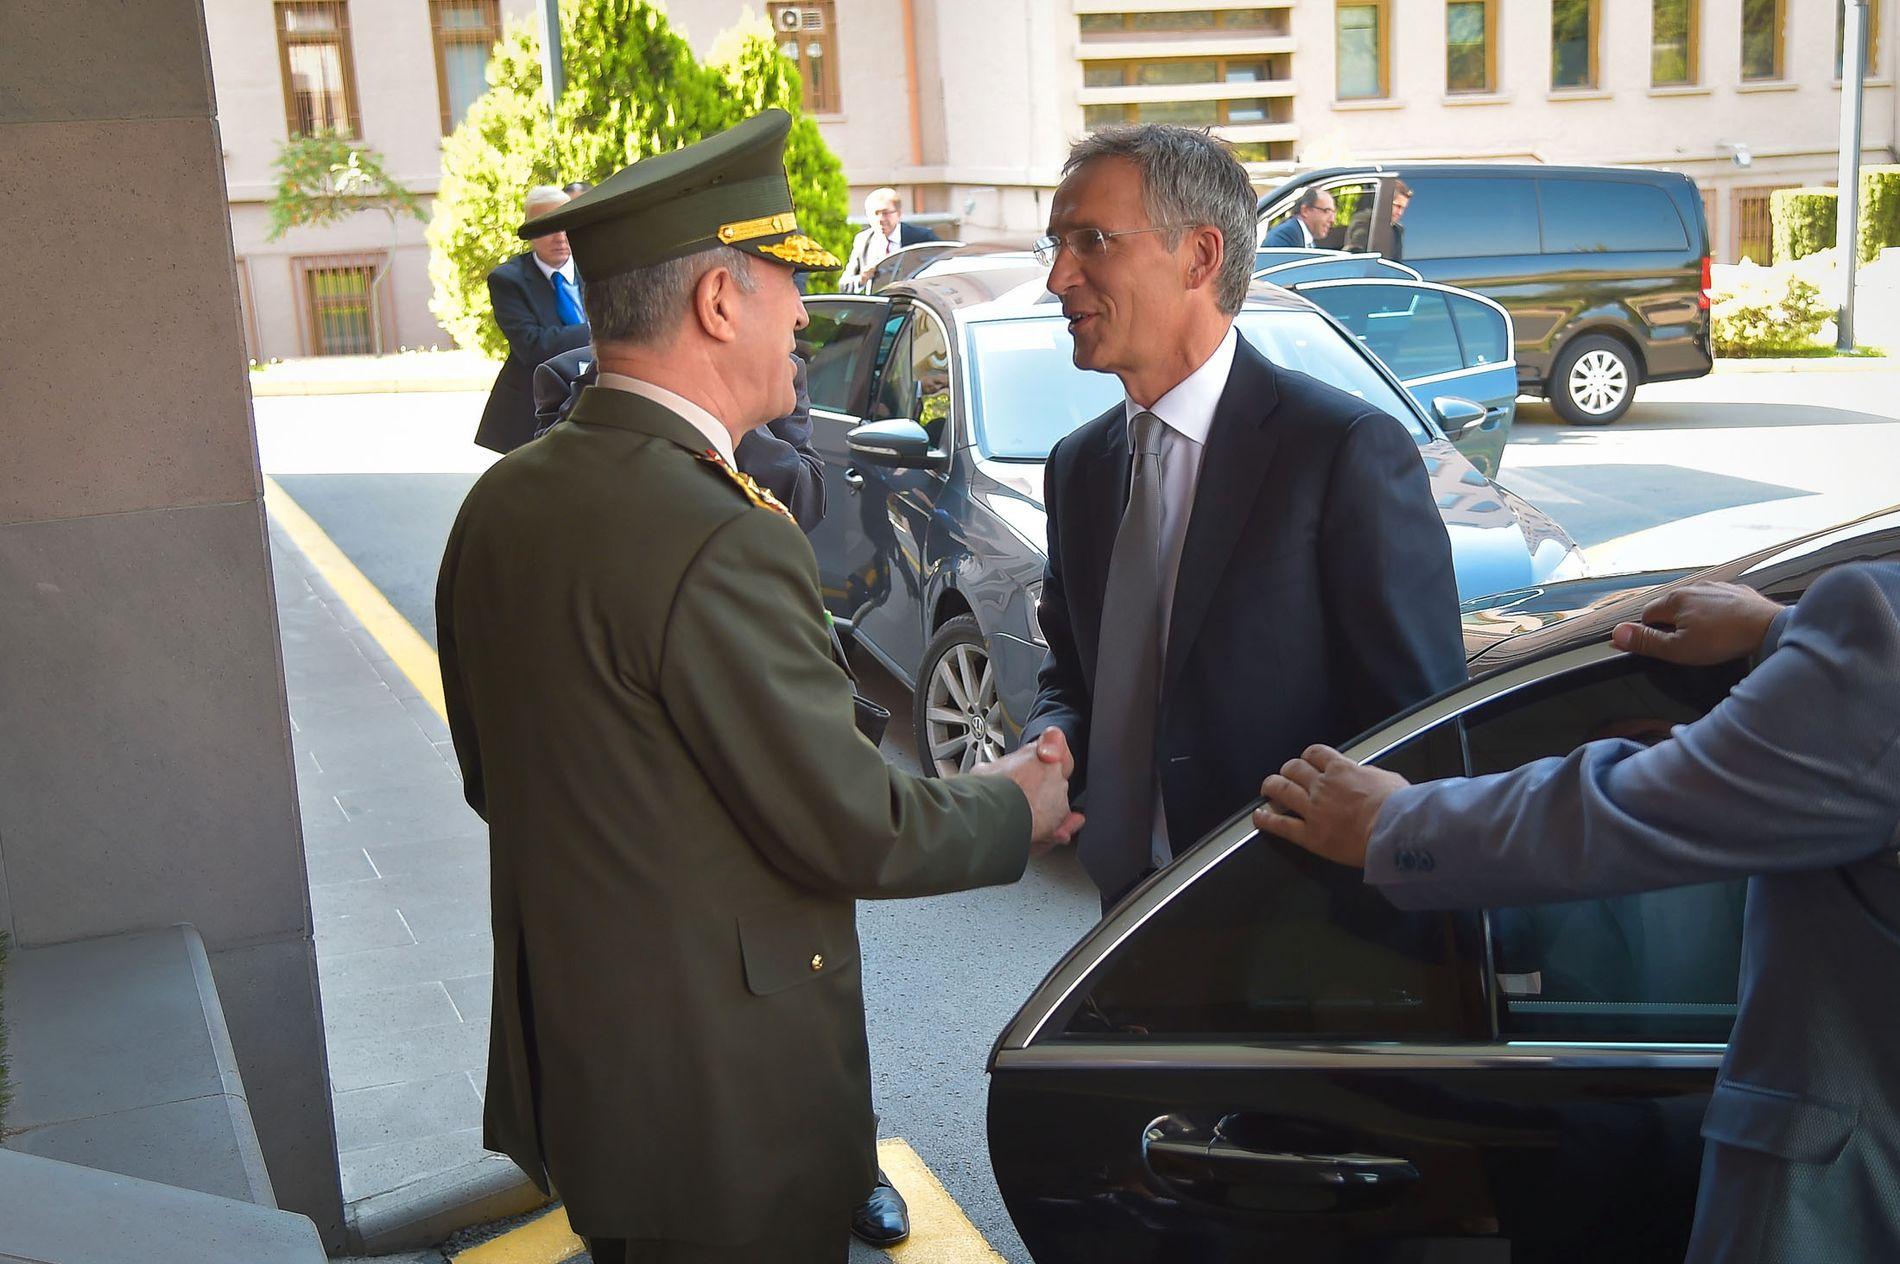 SER TIL TYRKIA: NATOs generalsekretær Jens Stoltenberg og den tyrkiske forsvarssjefen, general Hulusi Akar.